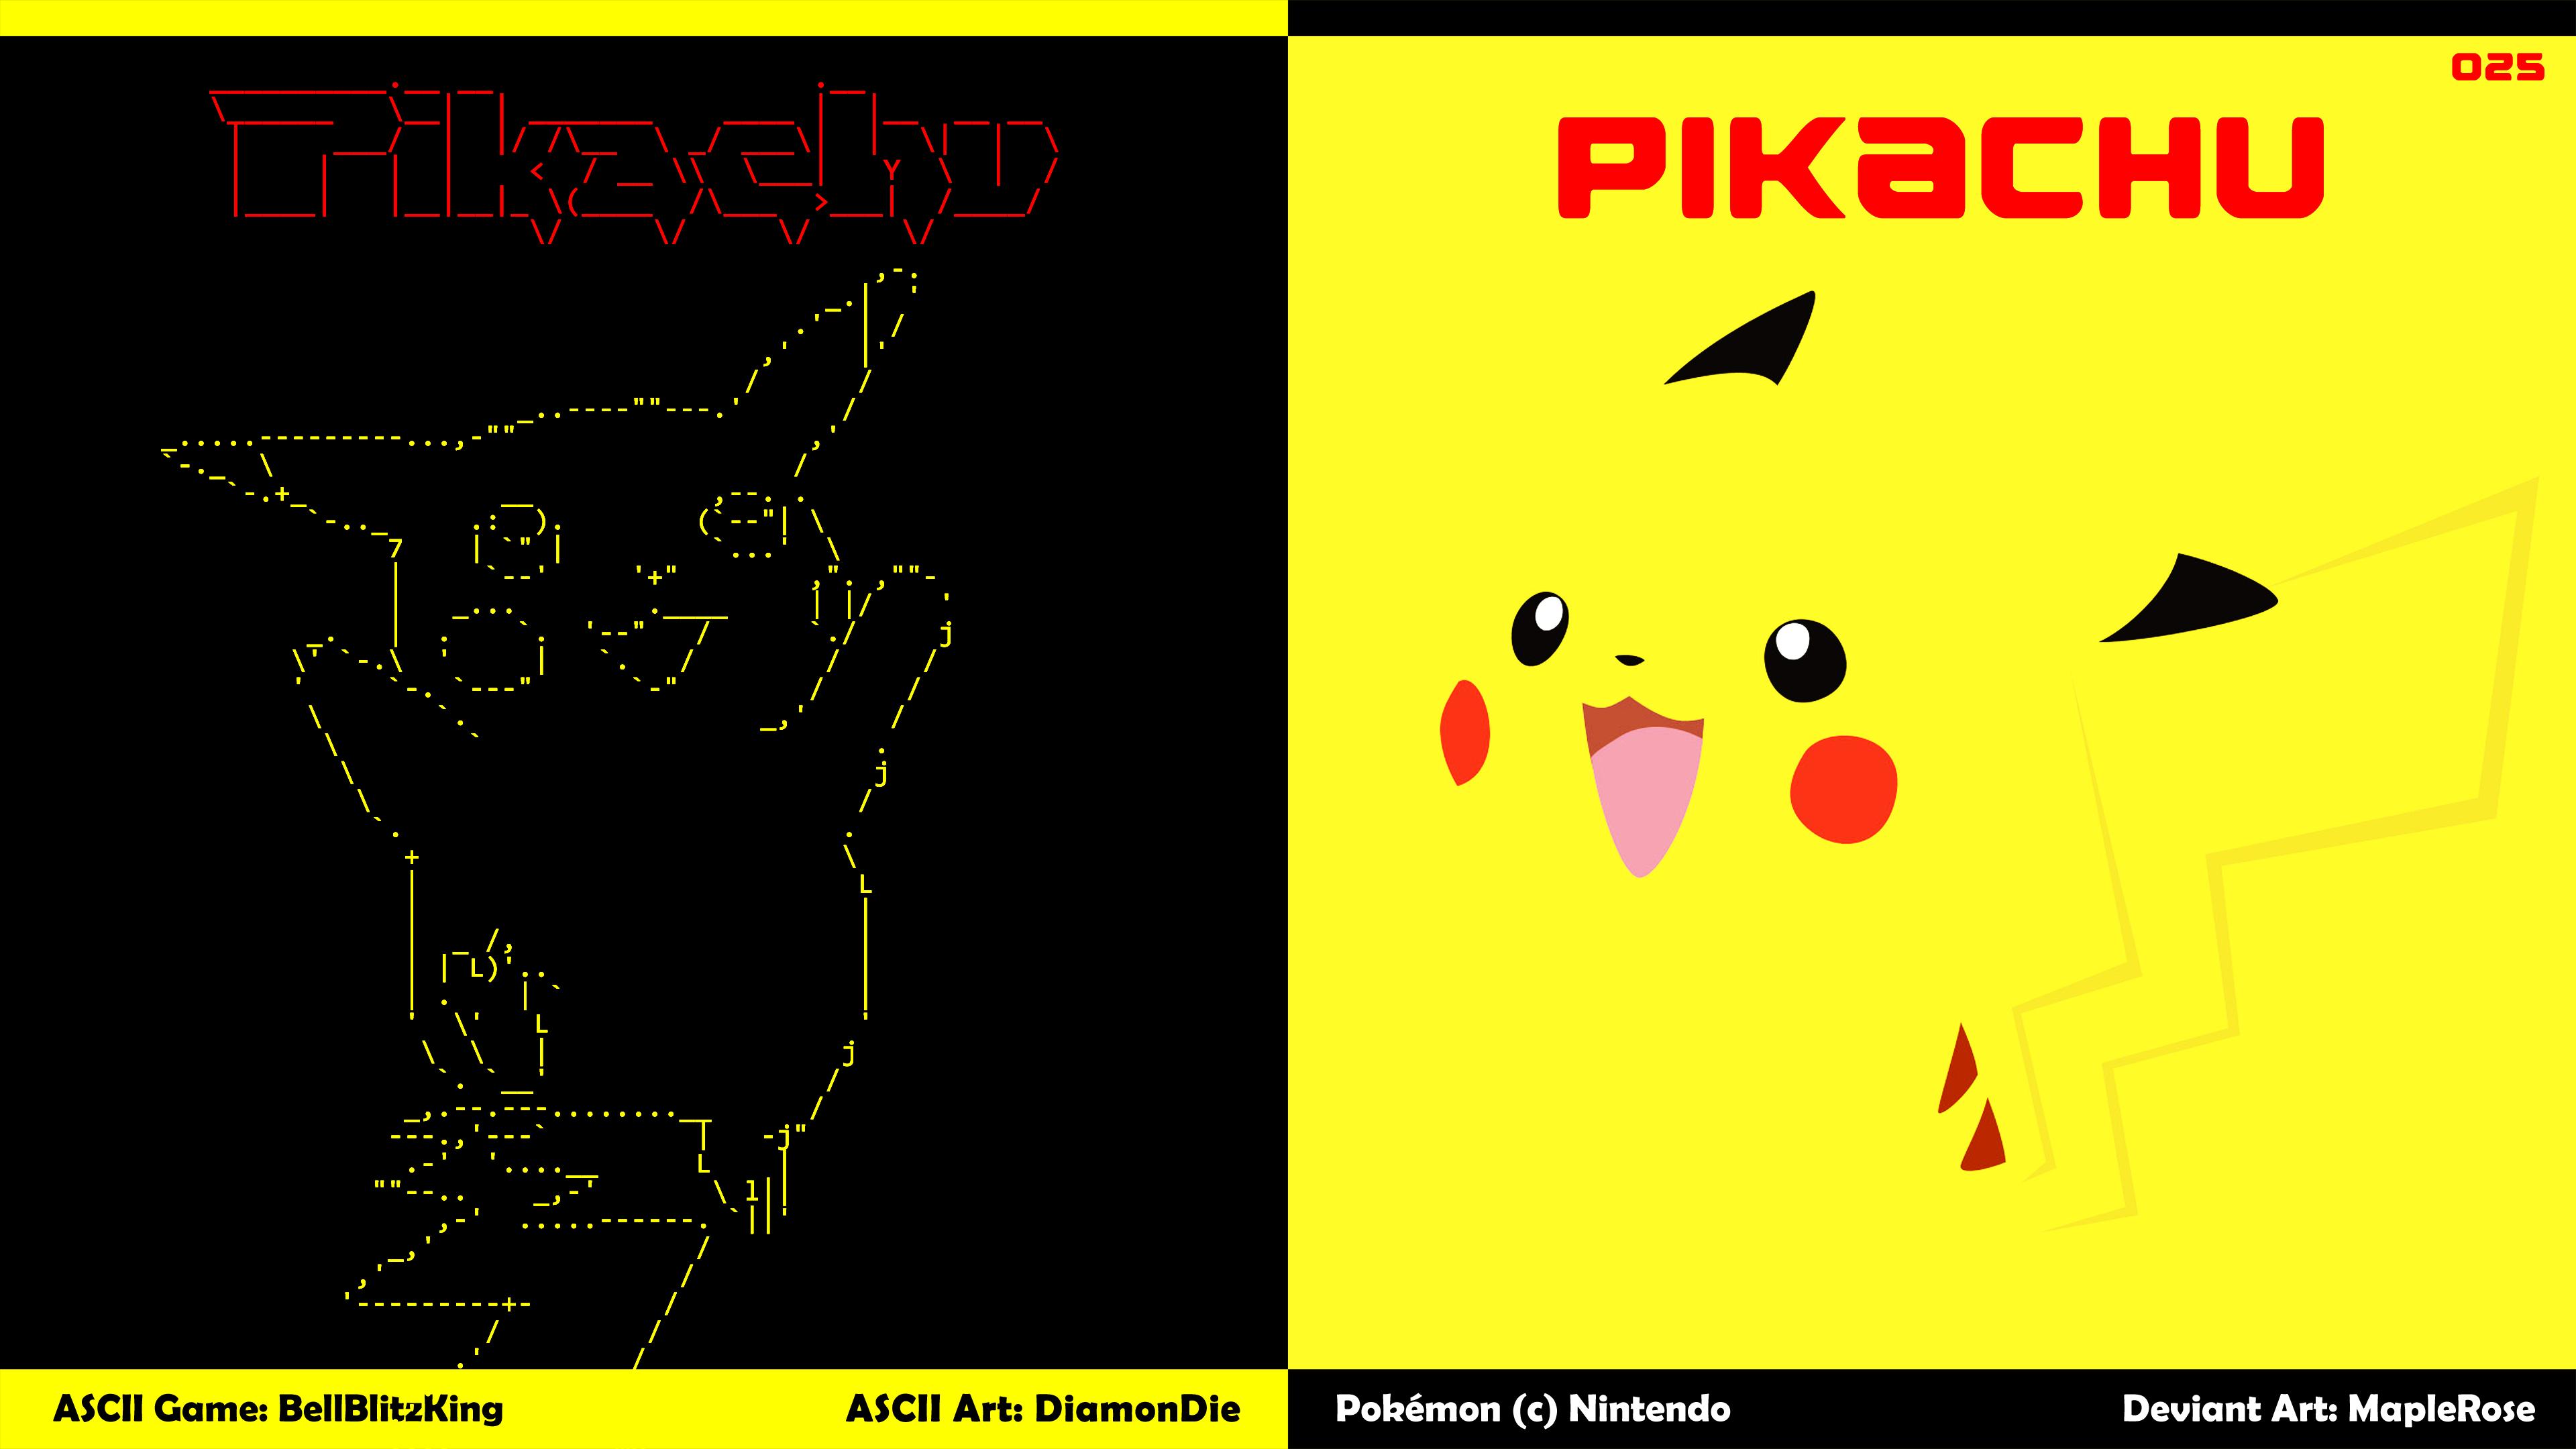 025 Pikachu.png